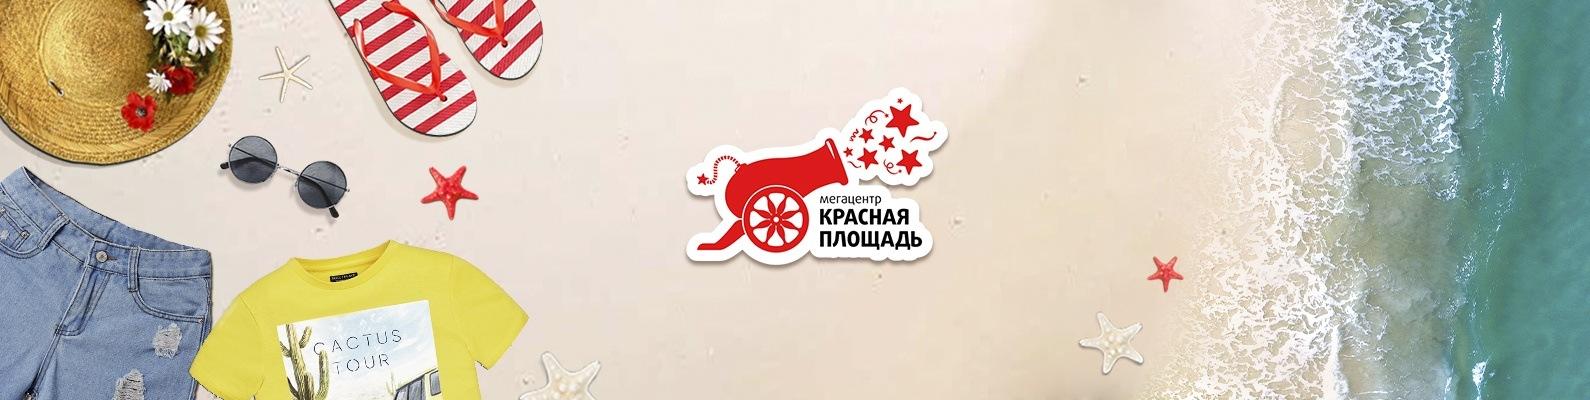 e014b8185 Мегацентр «Красная Площадь», Краснодар | ВКонтакте